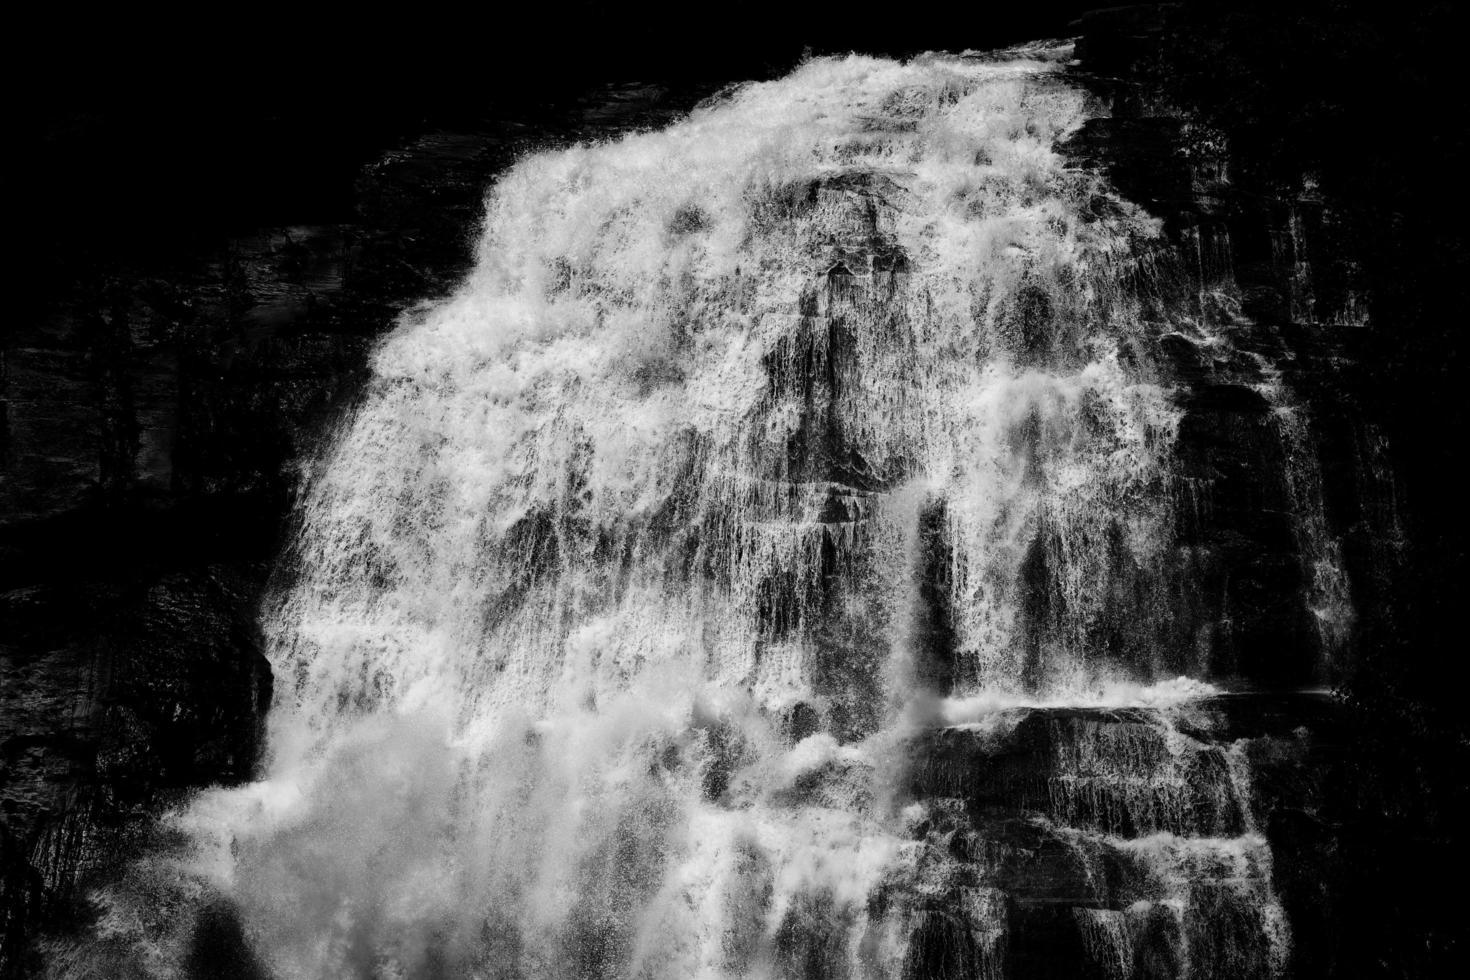 vatten faller i gråskalefotografering foto